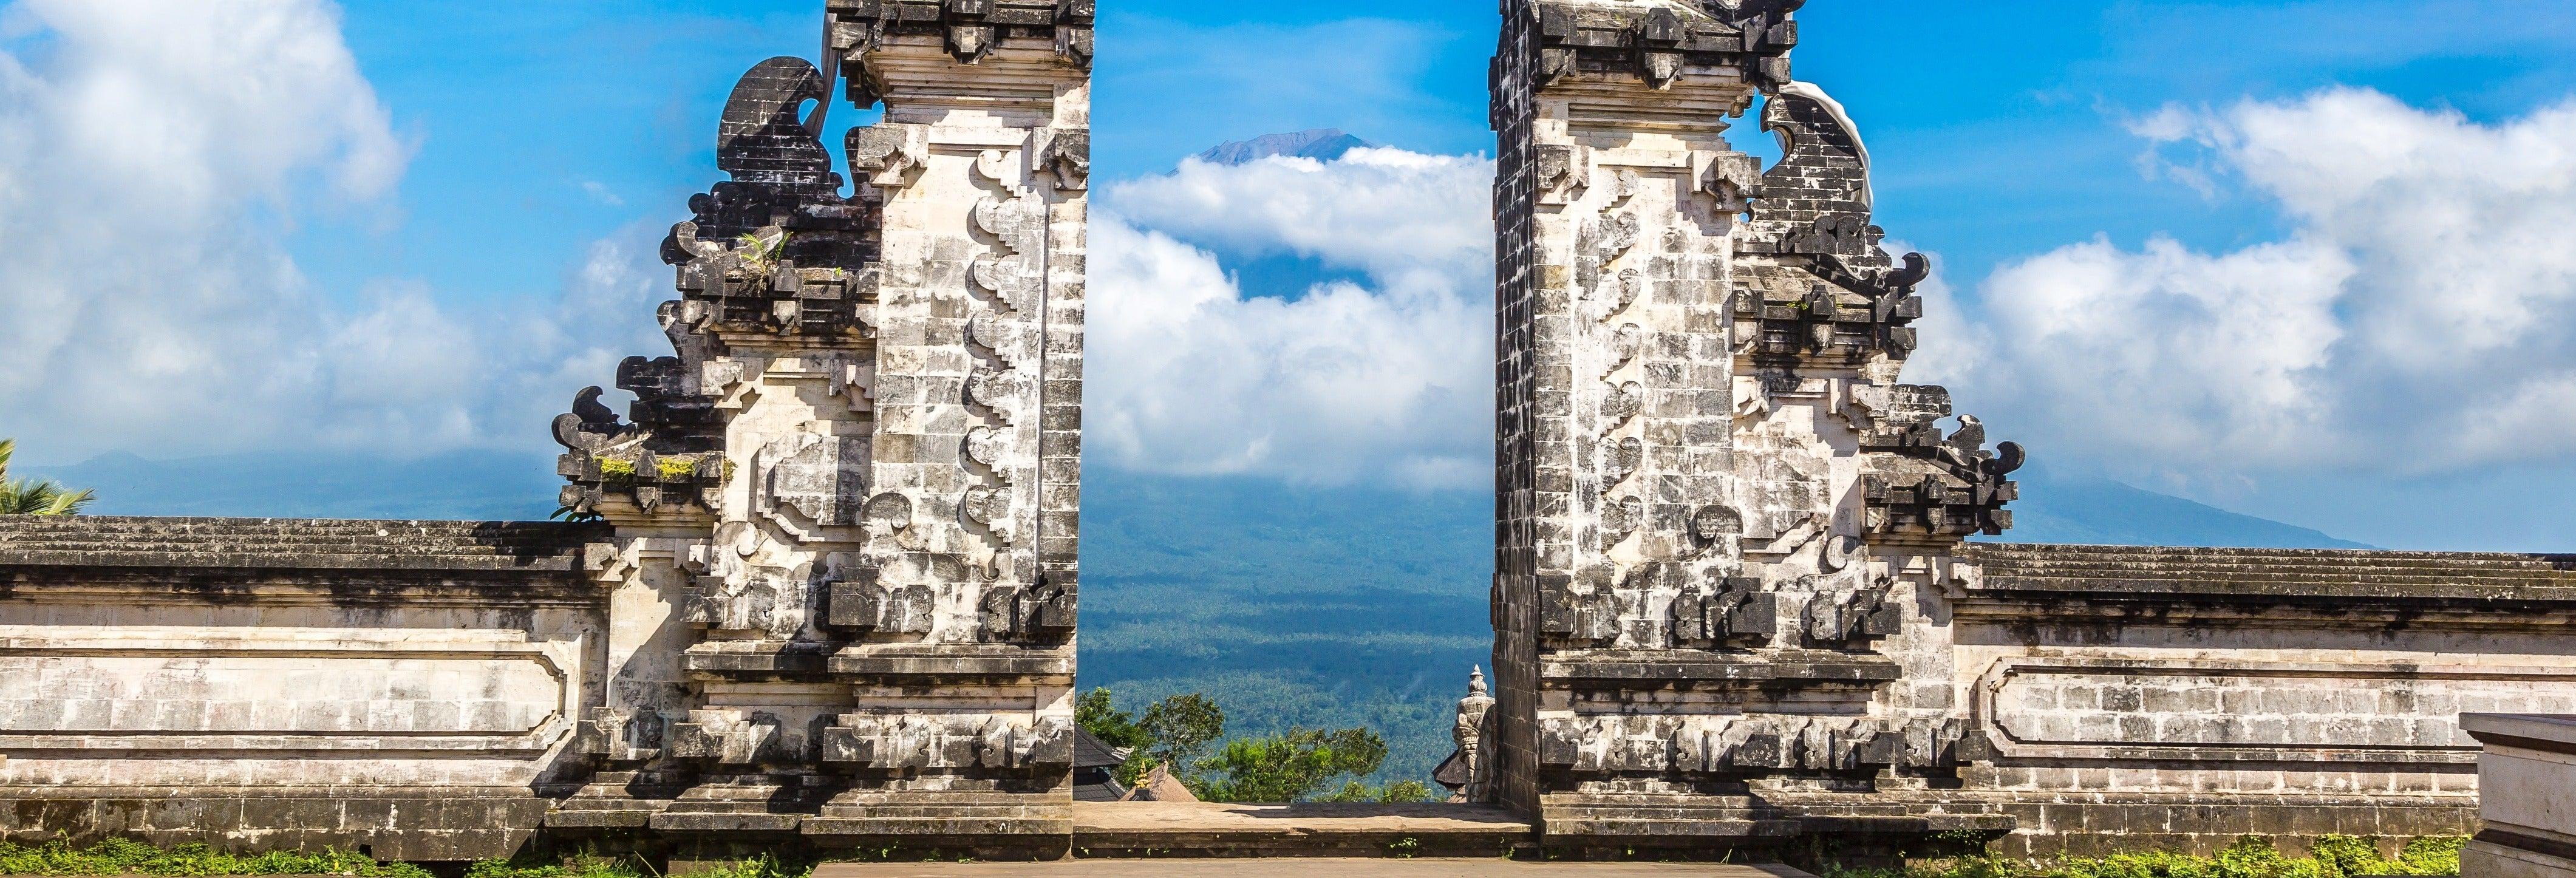 Excursión a Pura Lempuyang